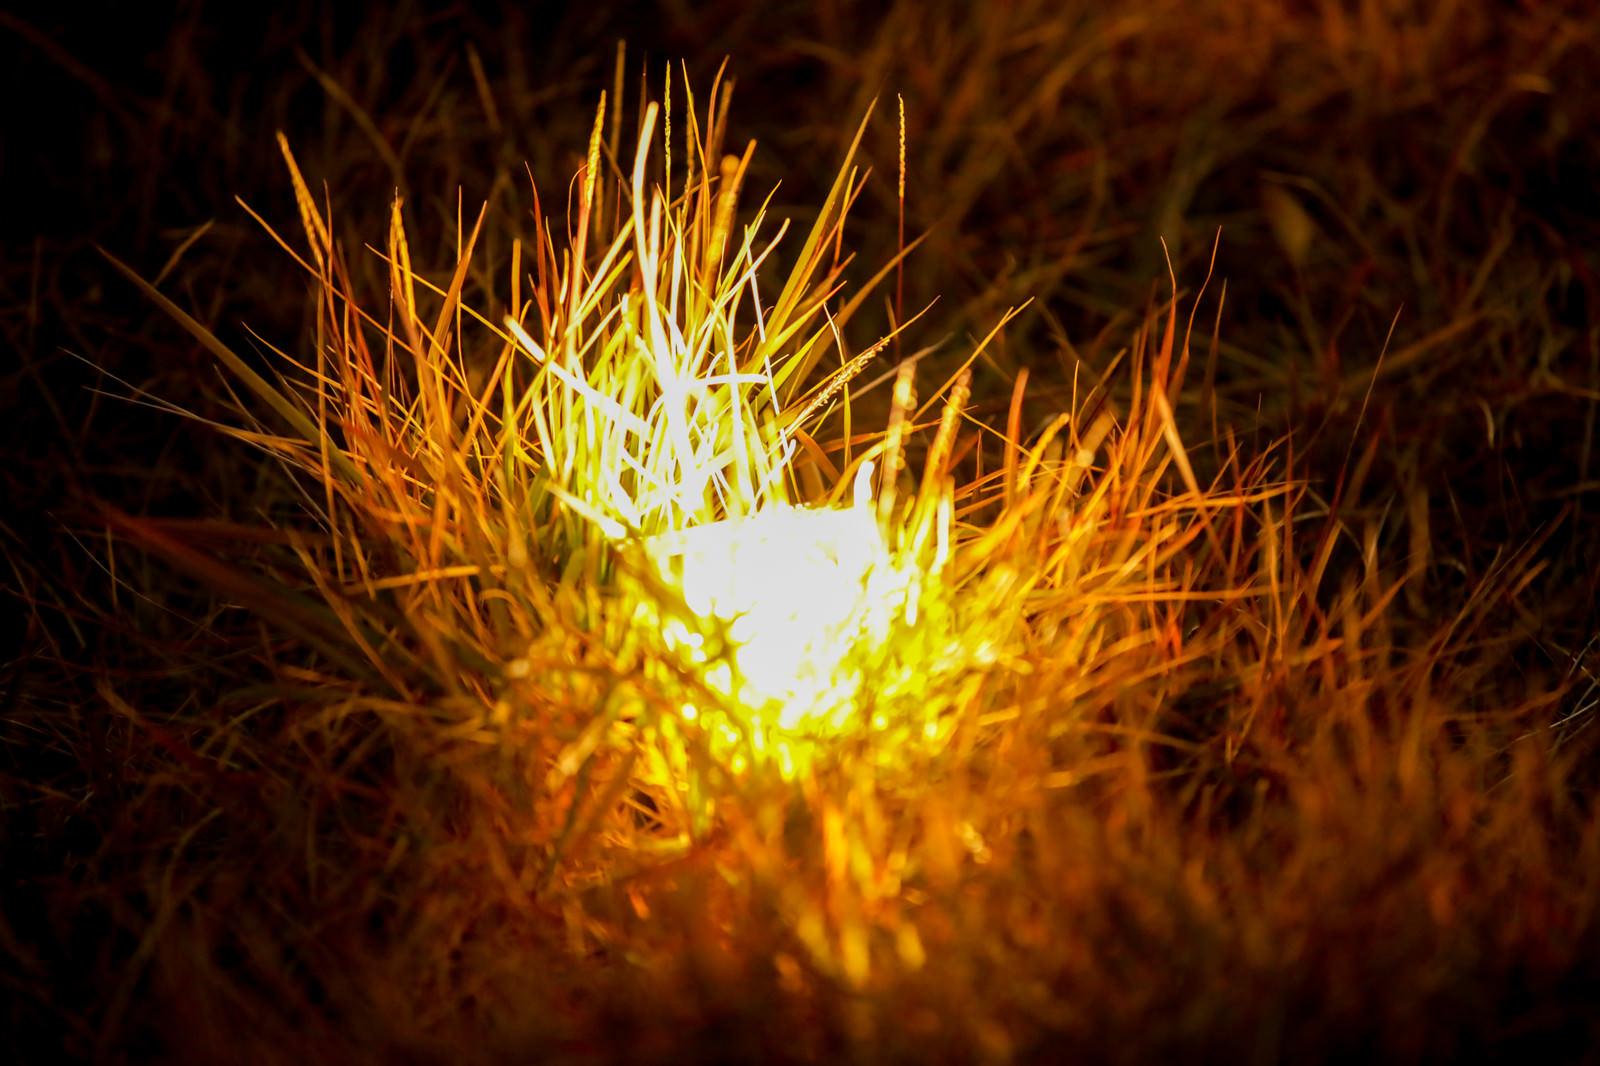 「地面に設置された電球色のネオン」の写真